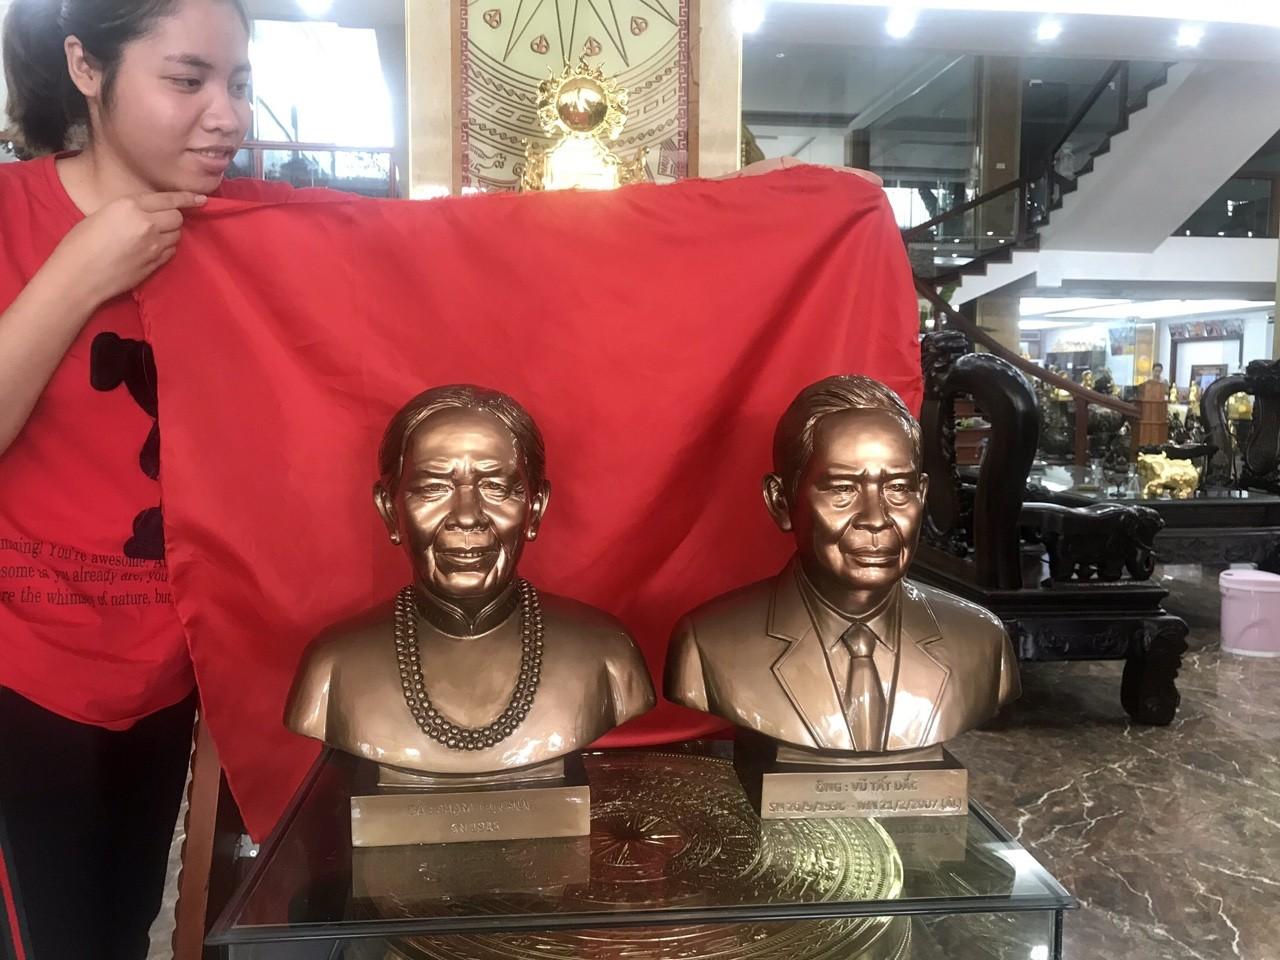 Địa chỉ đúc tượng chân dung truyền thần tại Sài Gòn